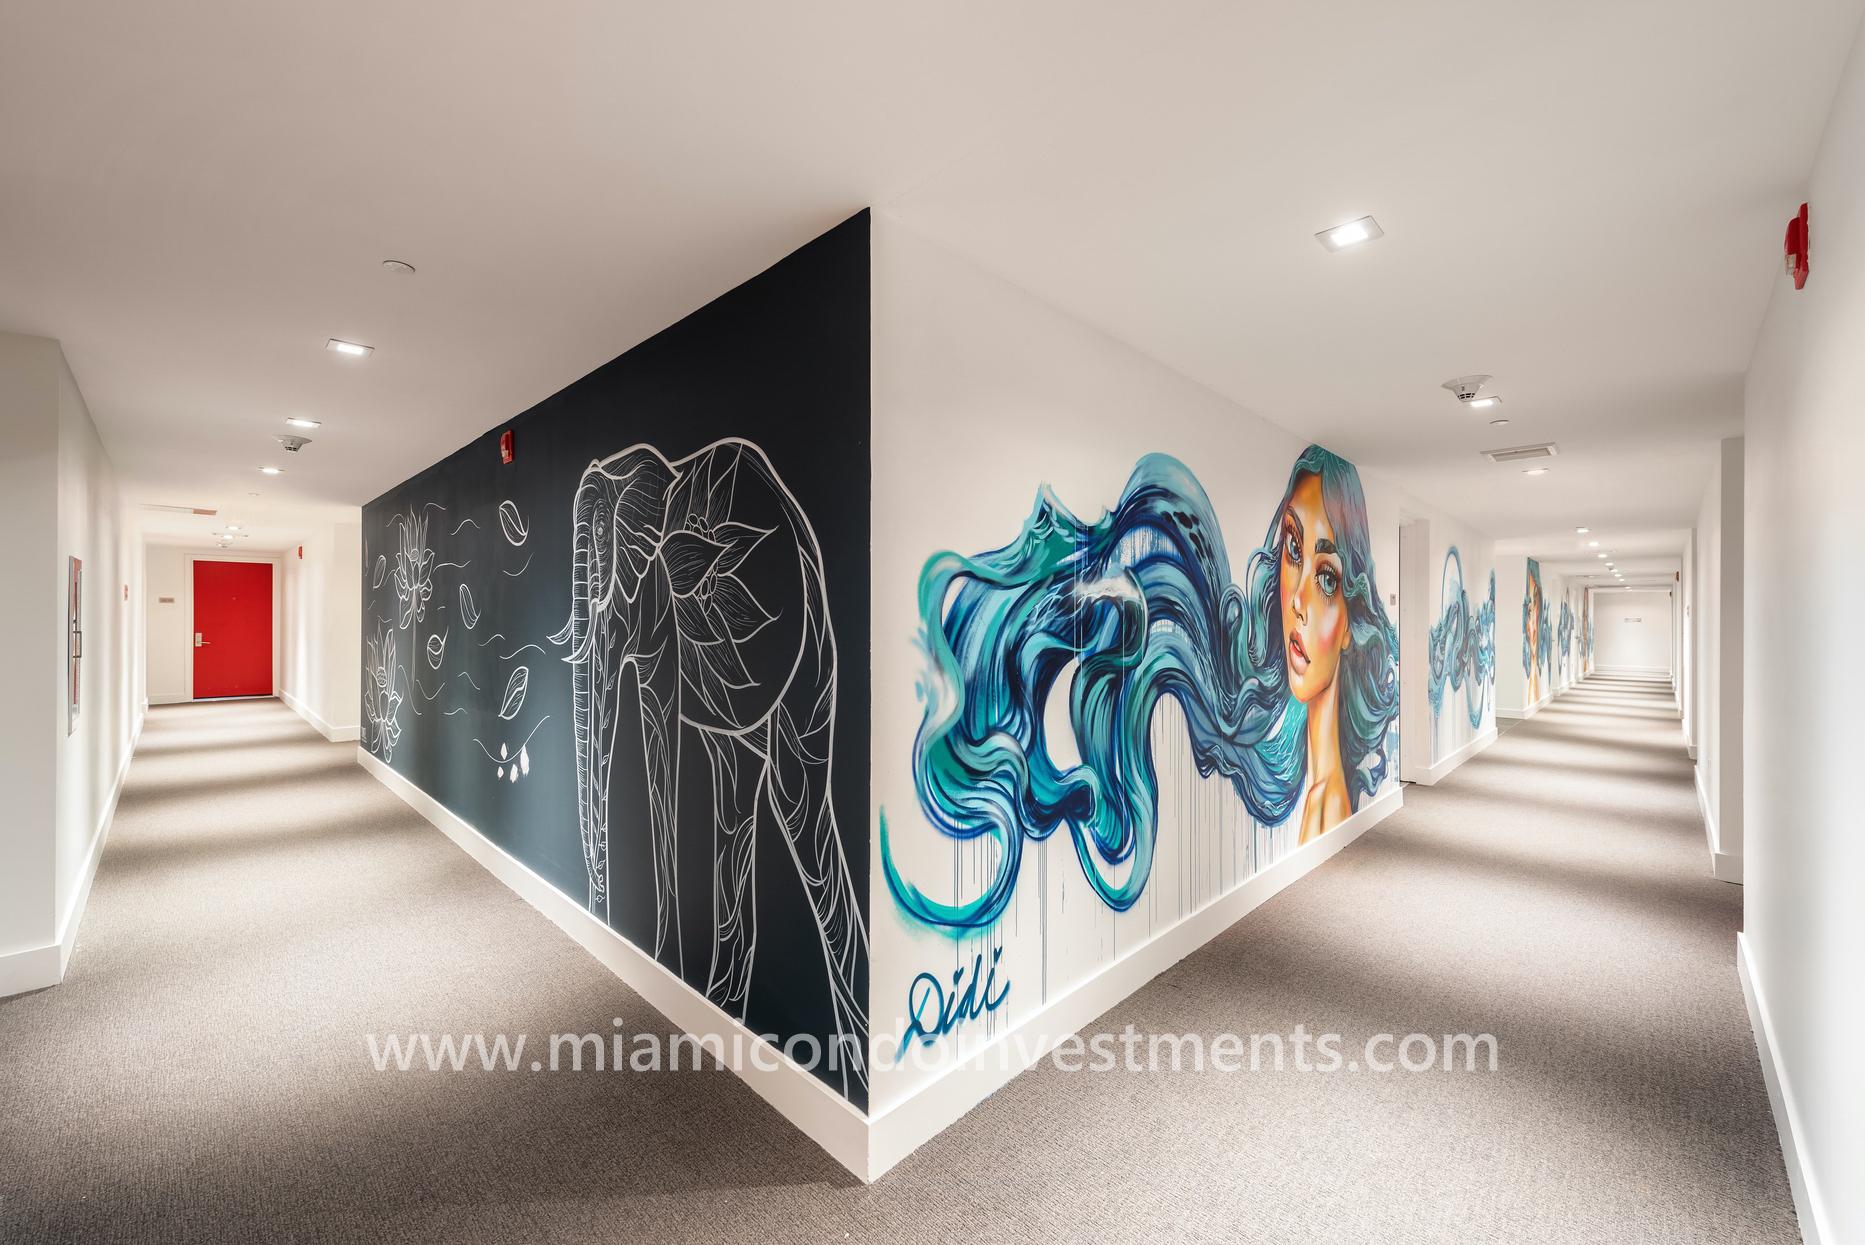 Canvas hallway mural by Didi